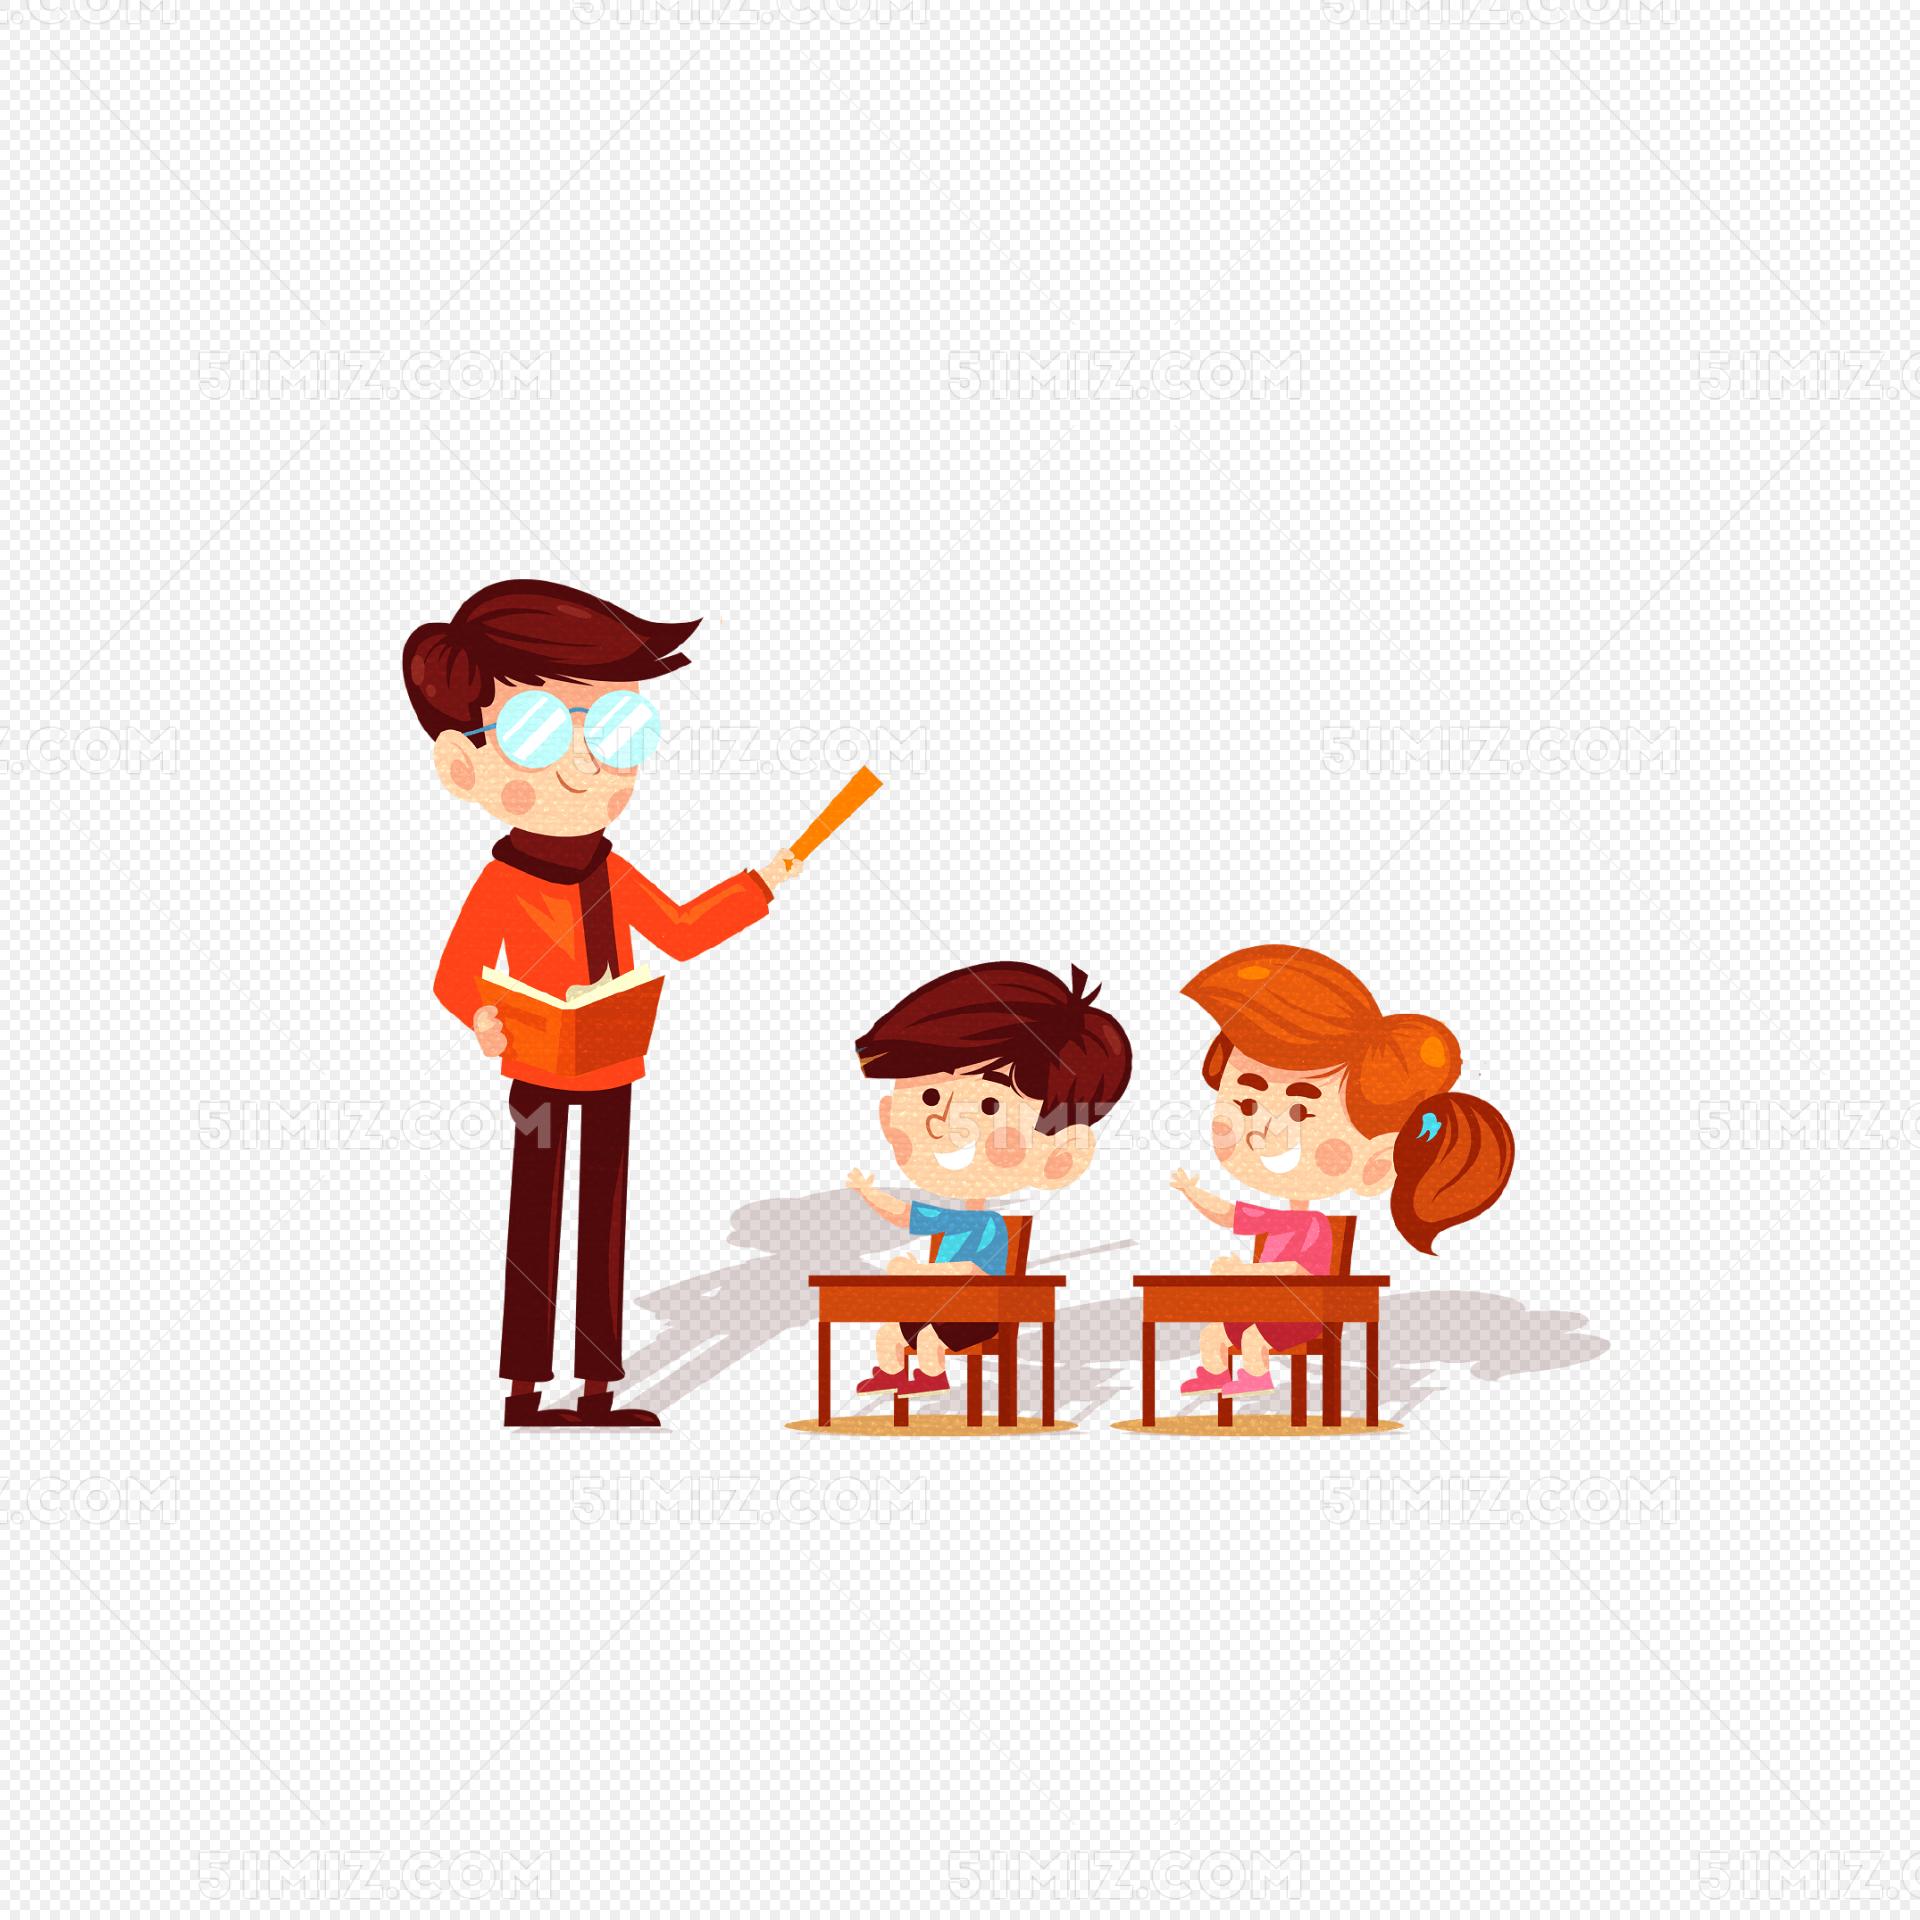 卡通讲课的老师插画图片